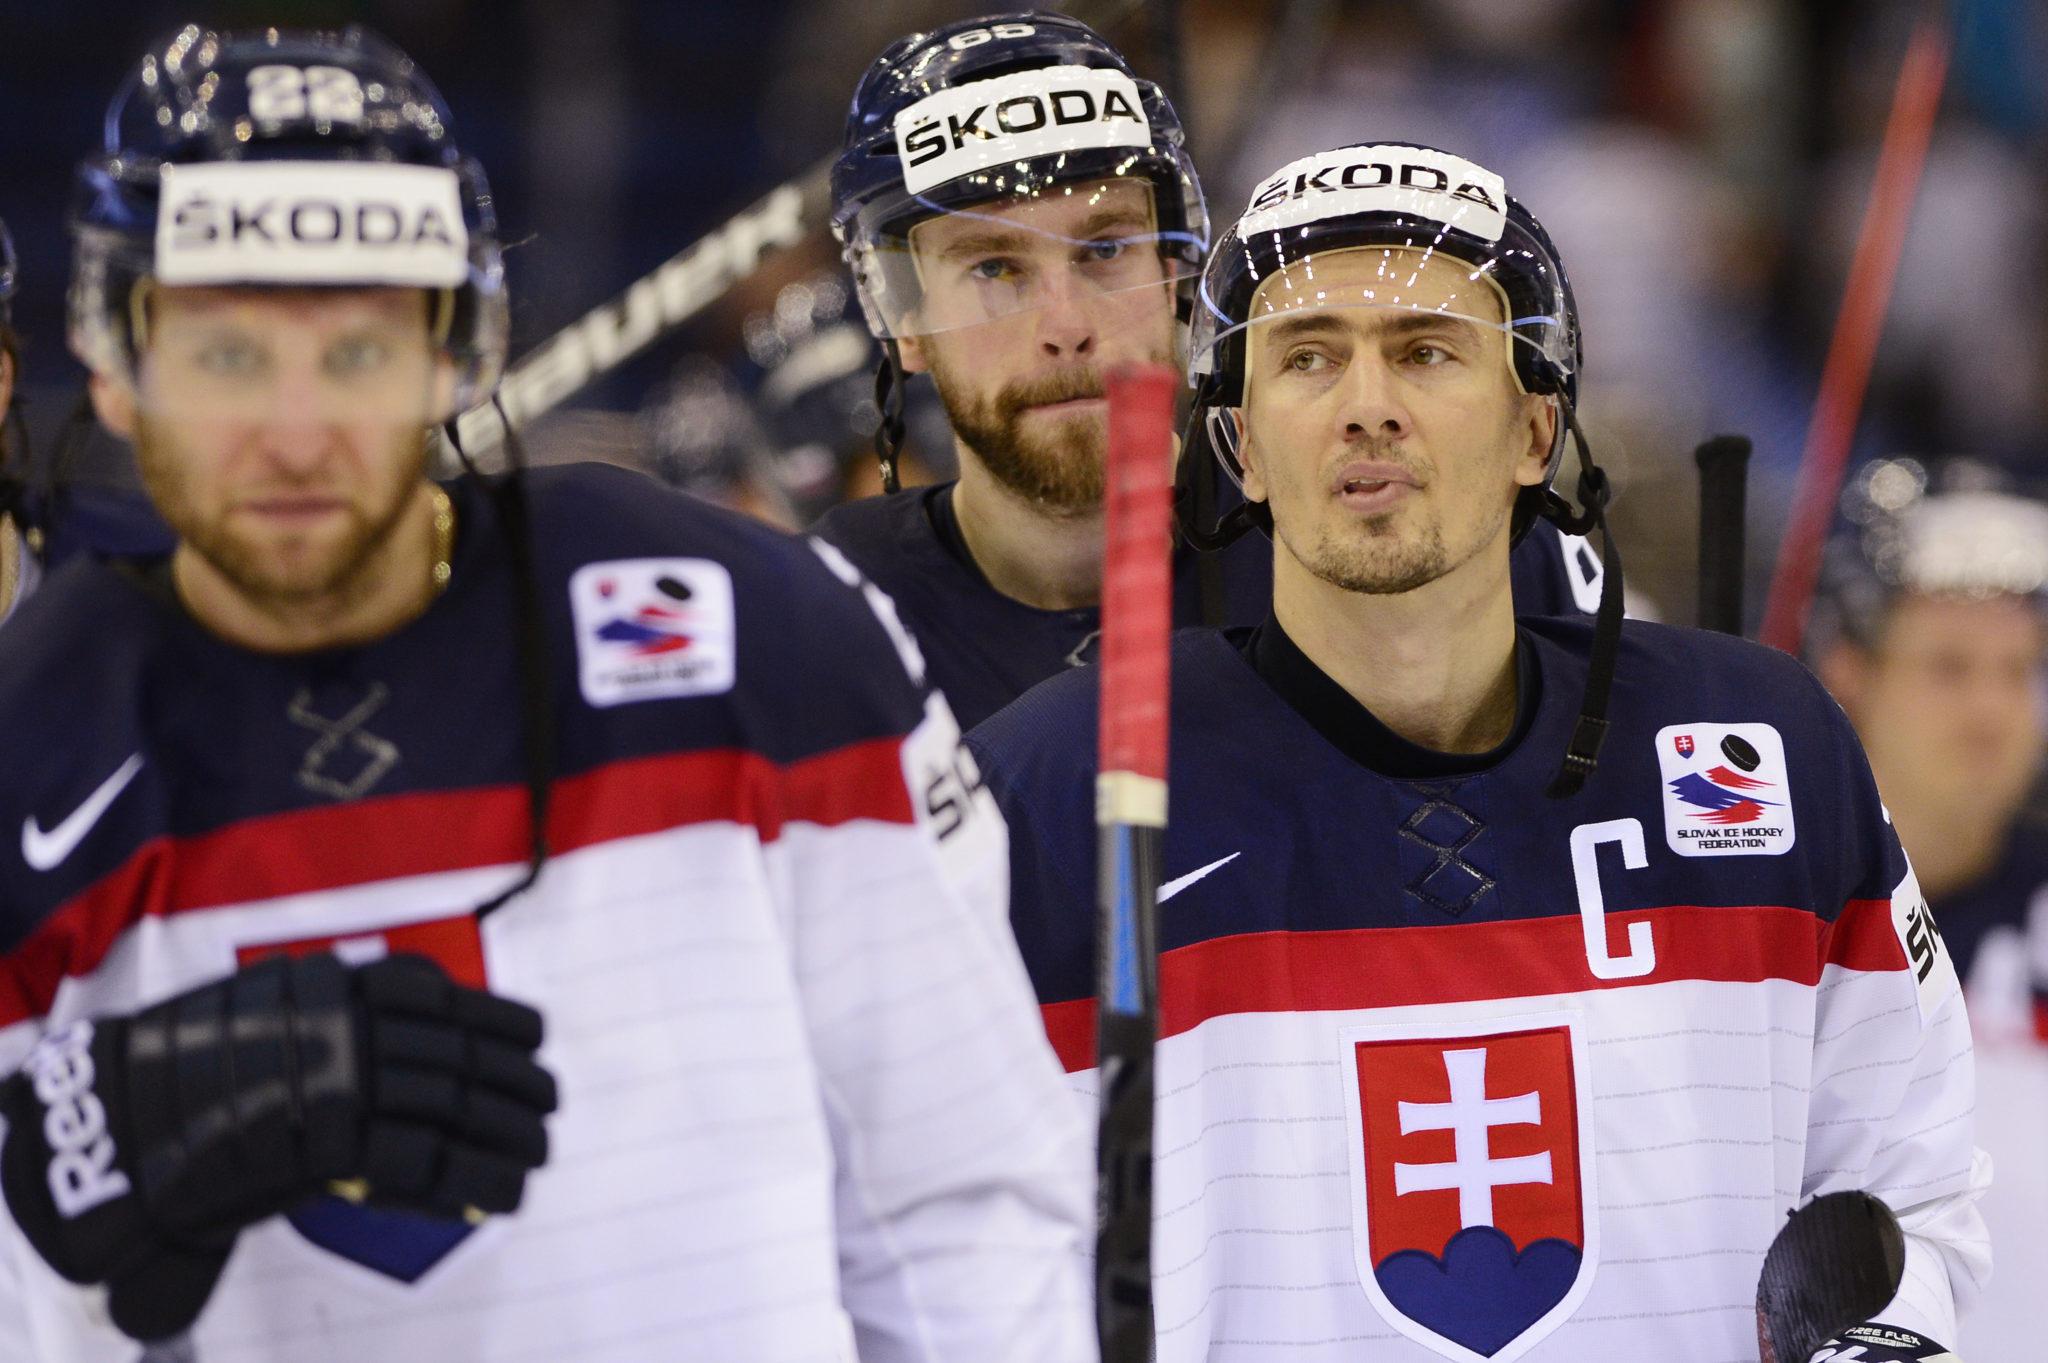 bdc28c1afcd97 Pozor na falošné vstupenky na Majstrovstvá sveta v hokeji. Sú na  nerozoznanie od tých skutočných | Glob.sk